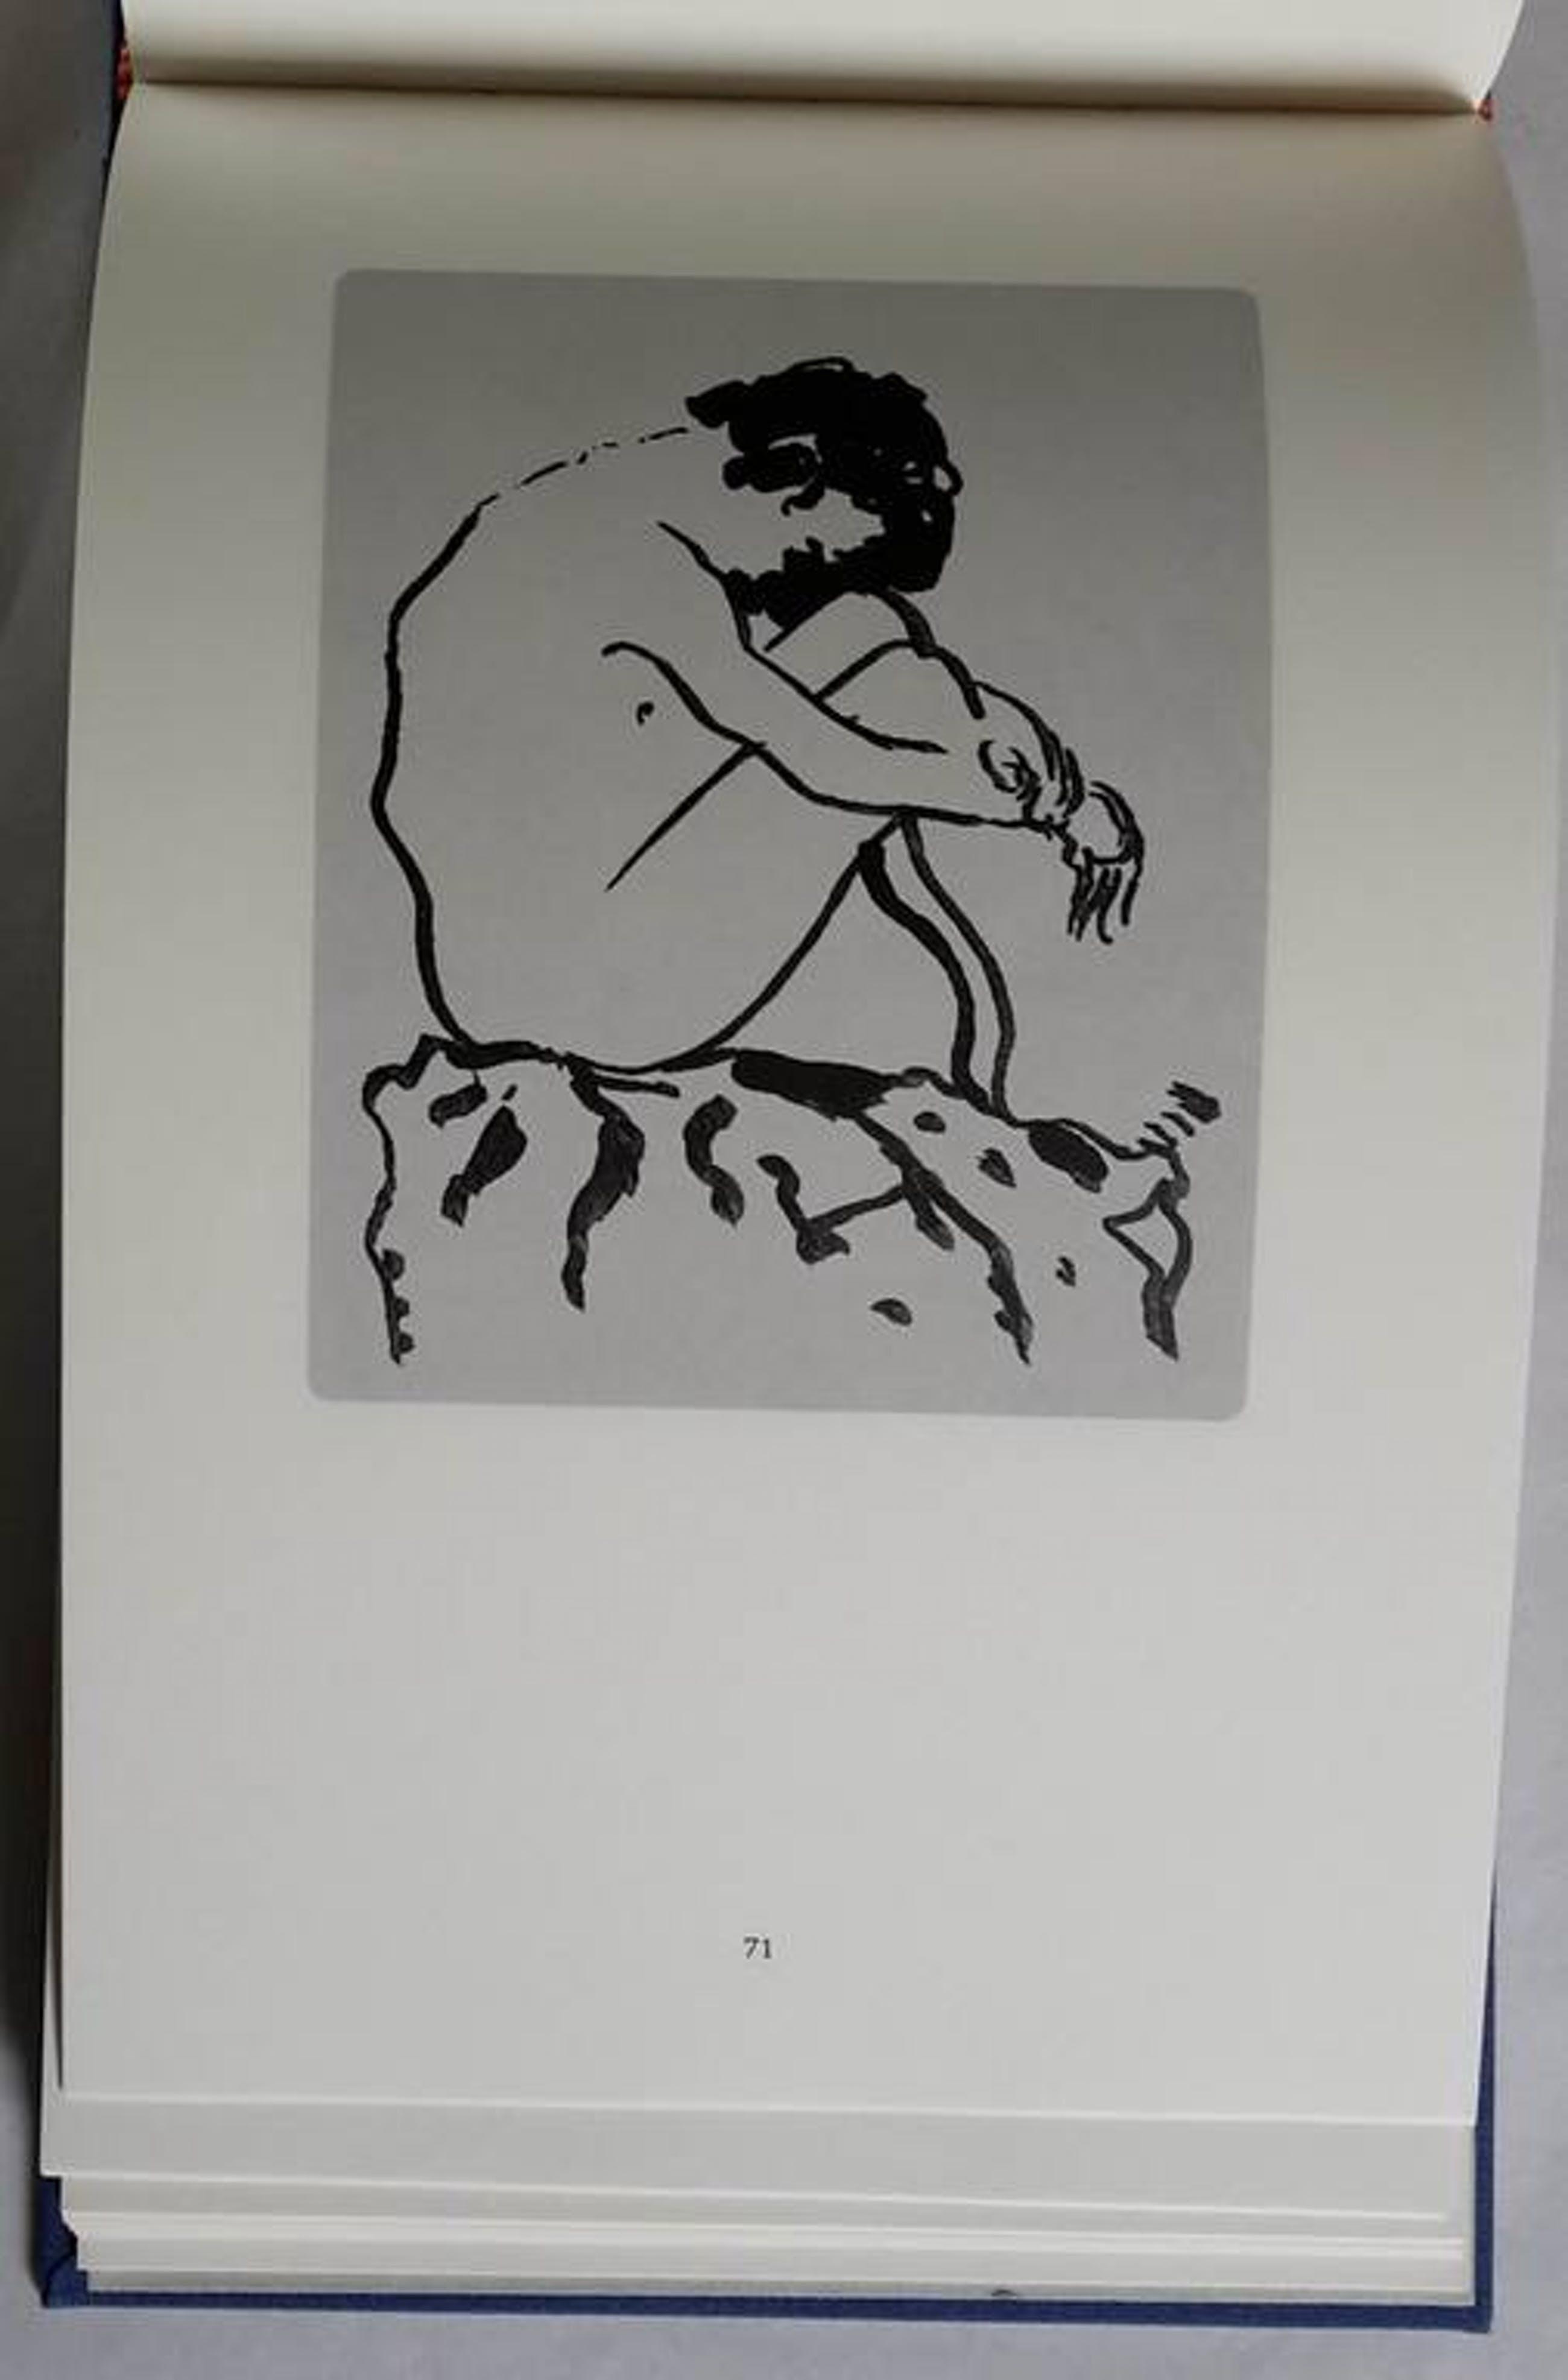 Rinke Nijburg, DWVH, De werken van Herkules, 1997 kopen? Bied vanaf 30!